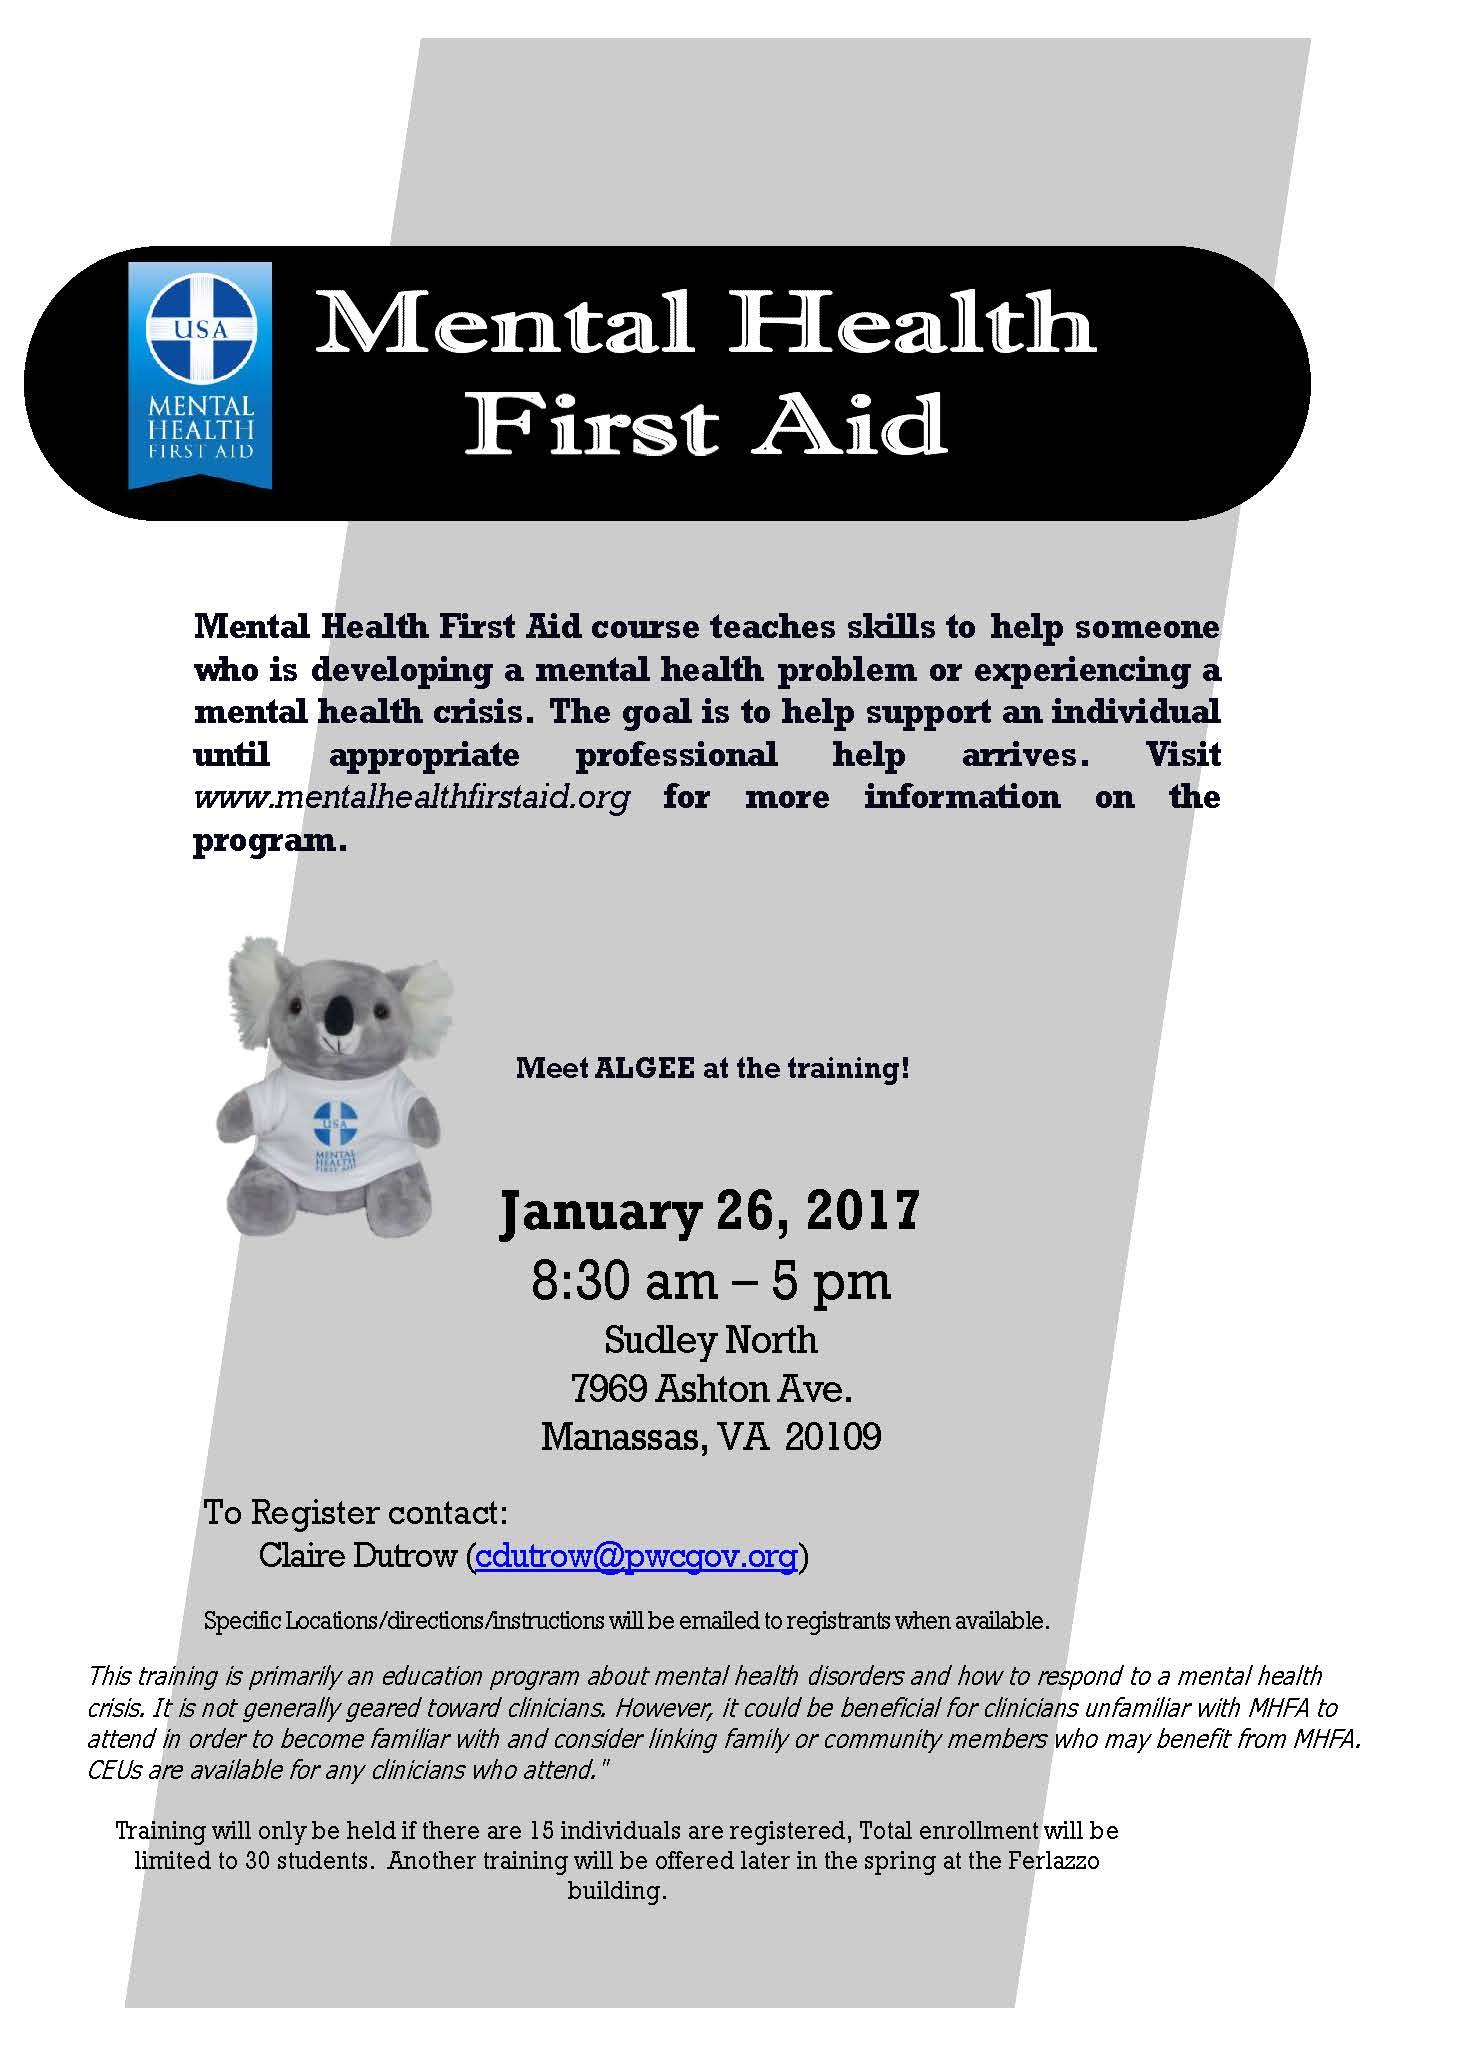 mhfa-flyer-january-26-2017